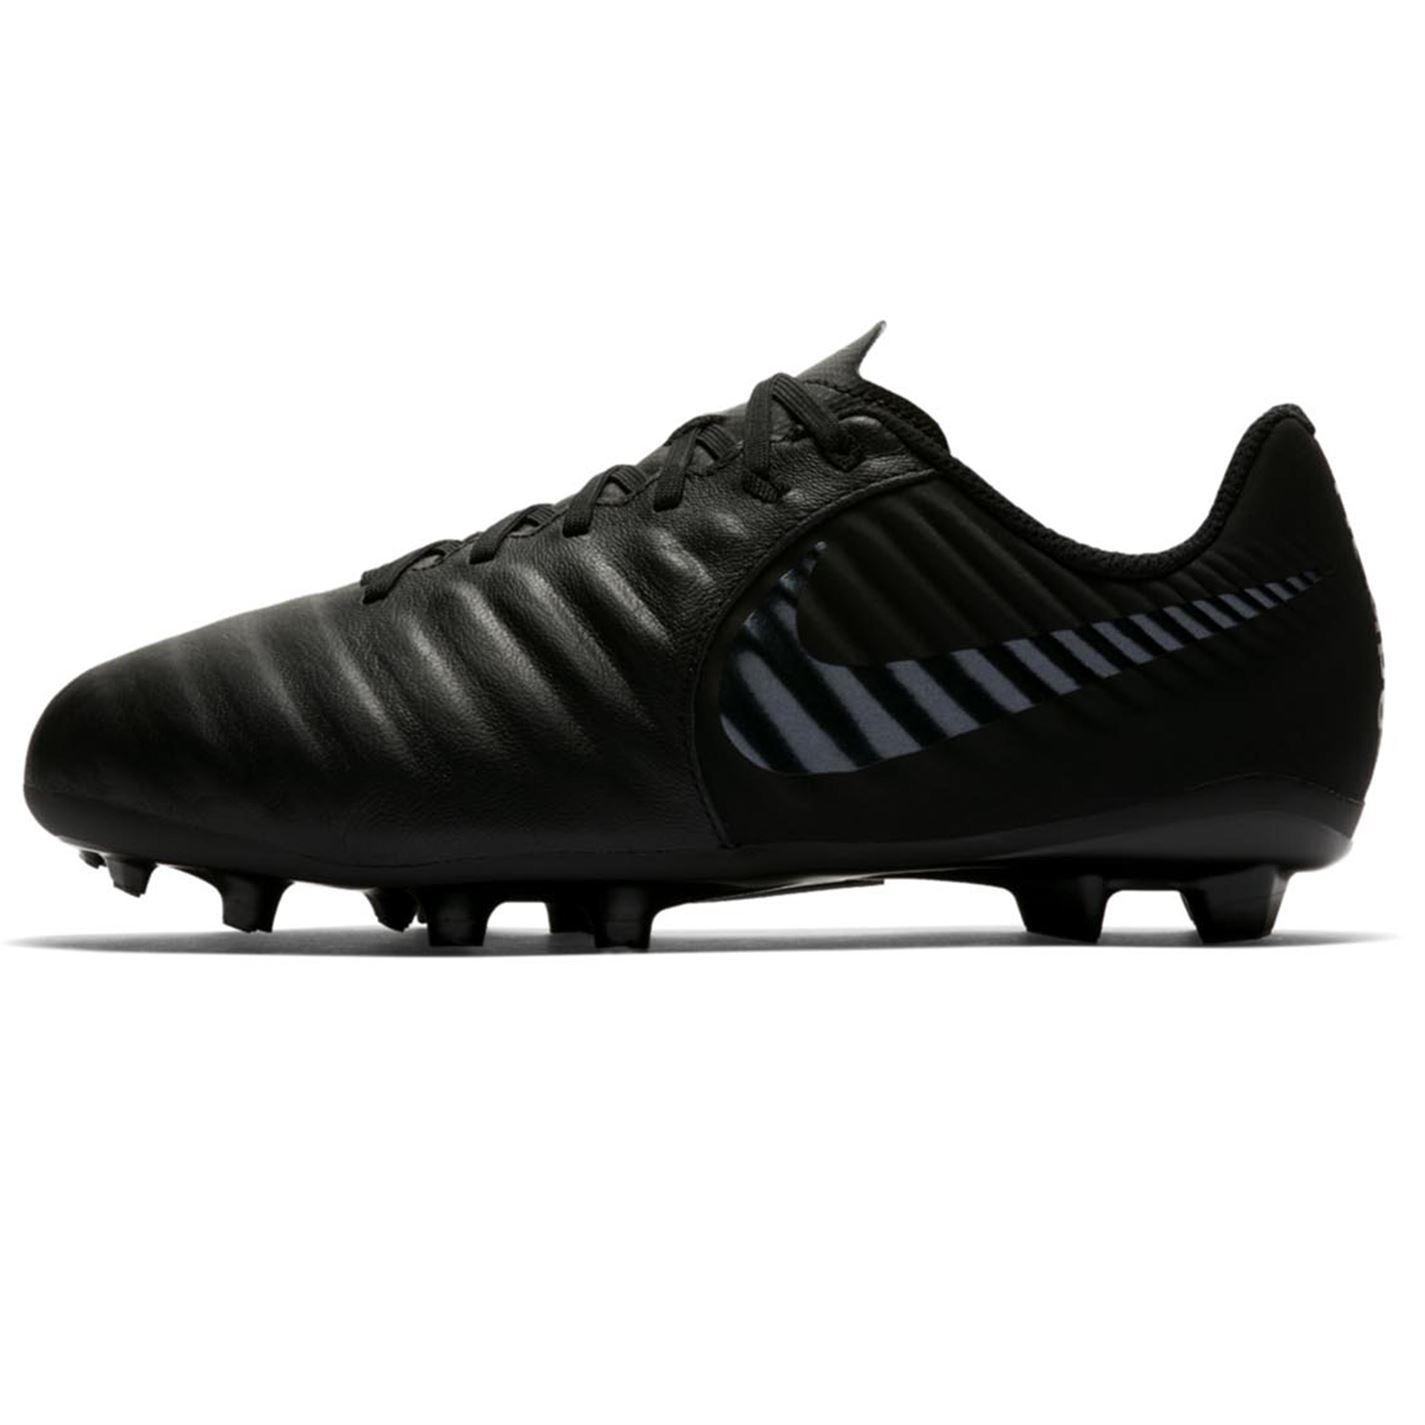 e53bec982c3 Nike Tiempo Legend Academy FG Firm Ground Football Boots Juniors ...